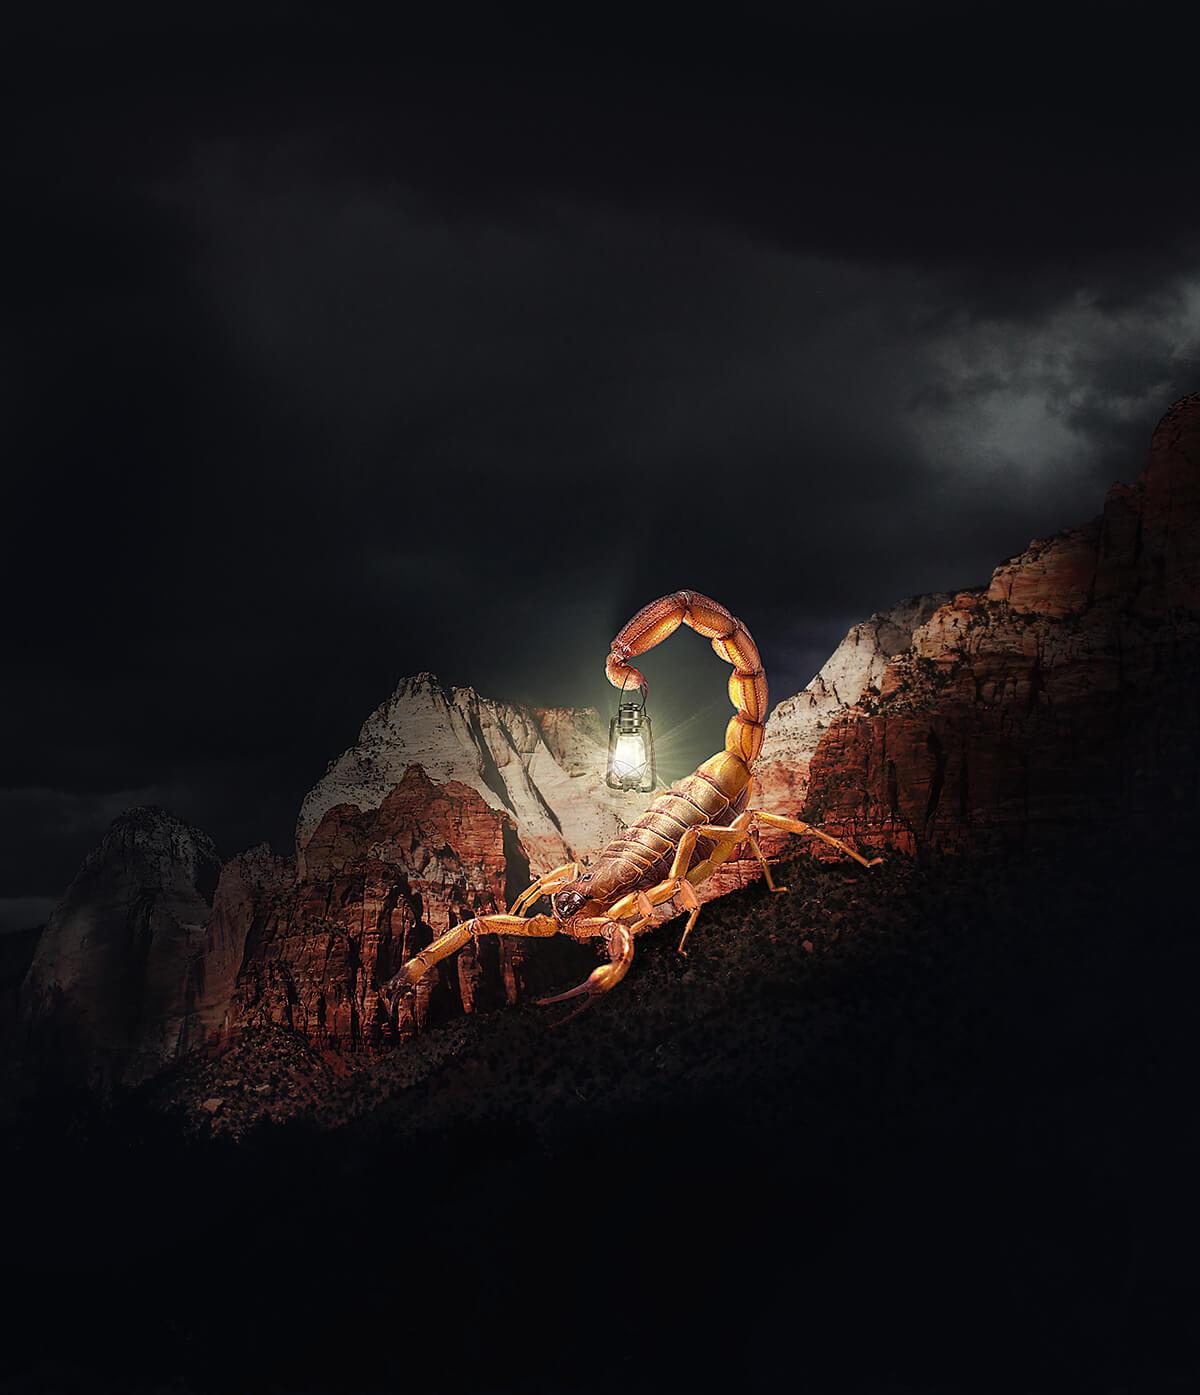 Fotografías surrealistas por Hüseyin Sahin